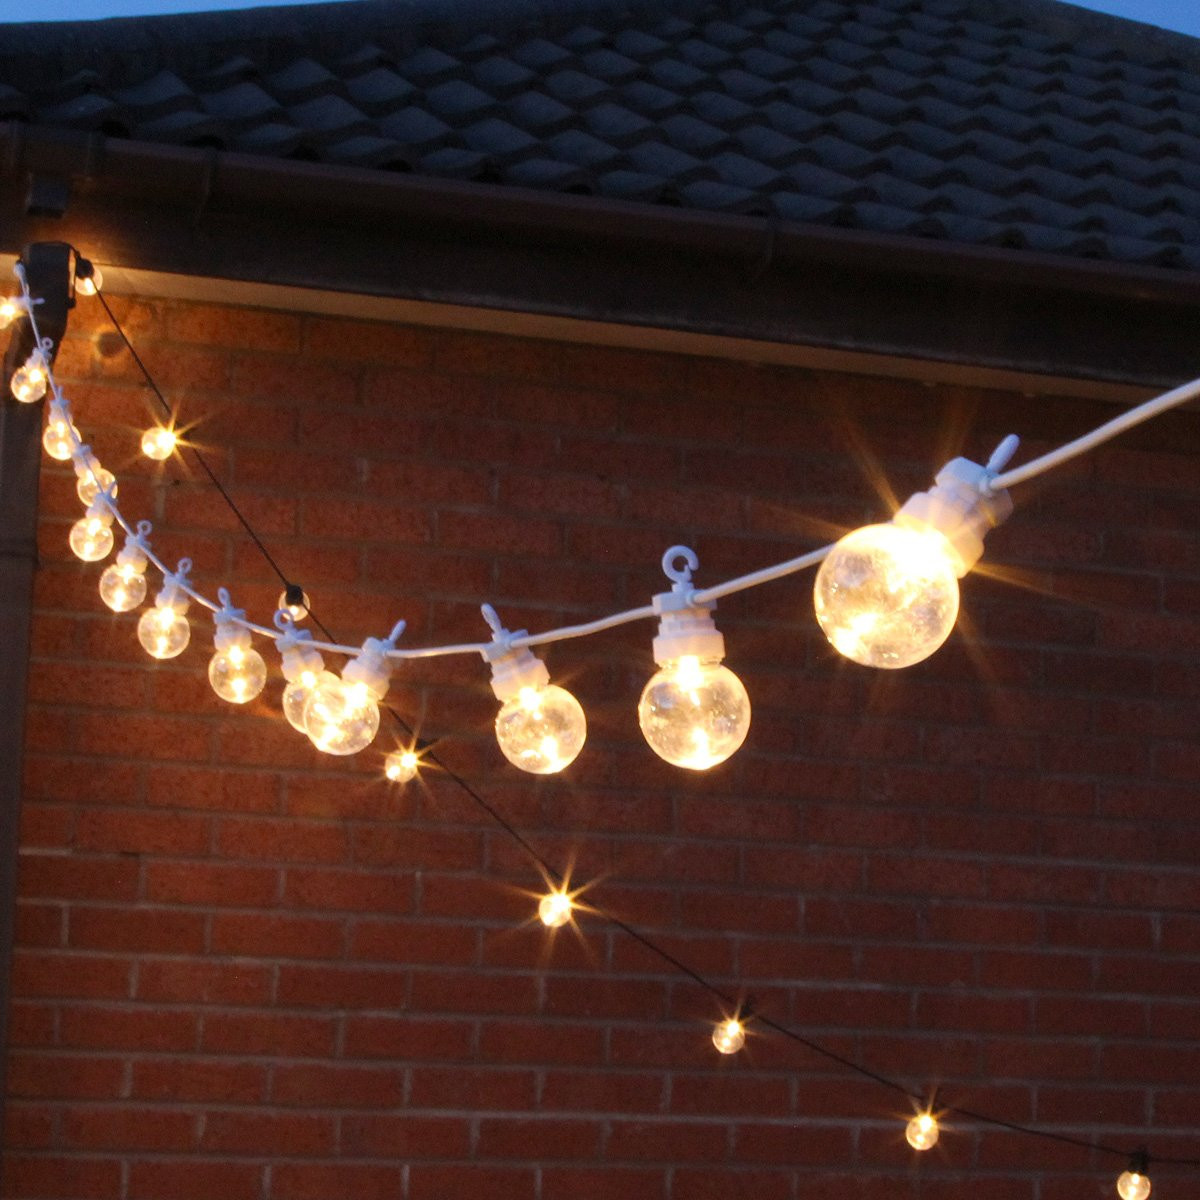 8 m lange Girlande Party Lichterkette, 20 LEDs, warmweiß ...